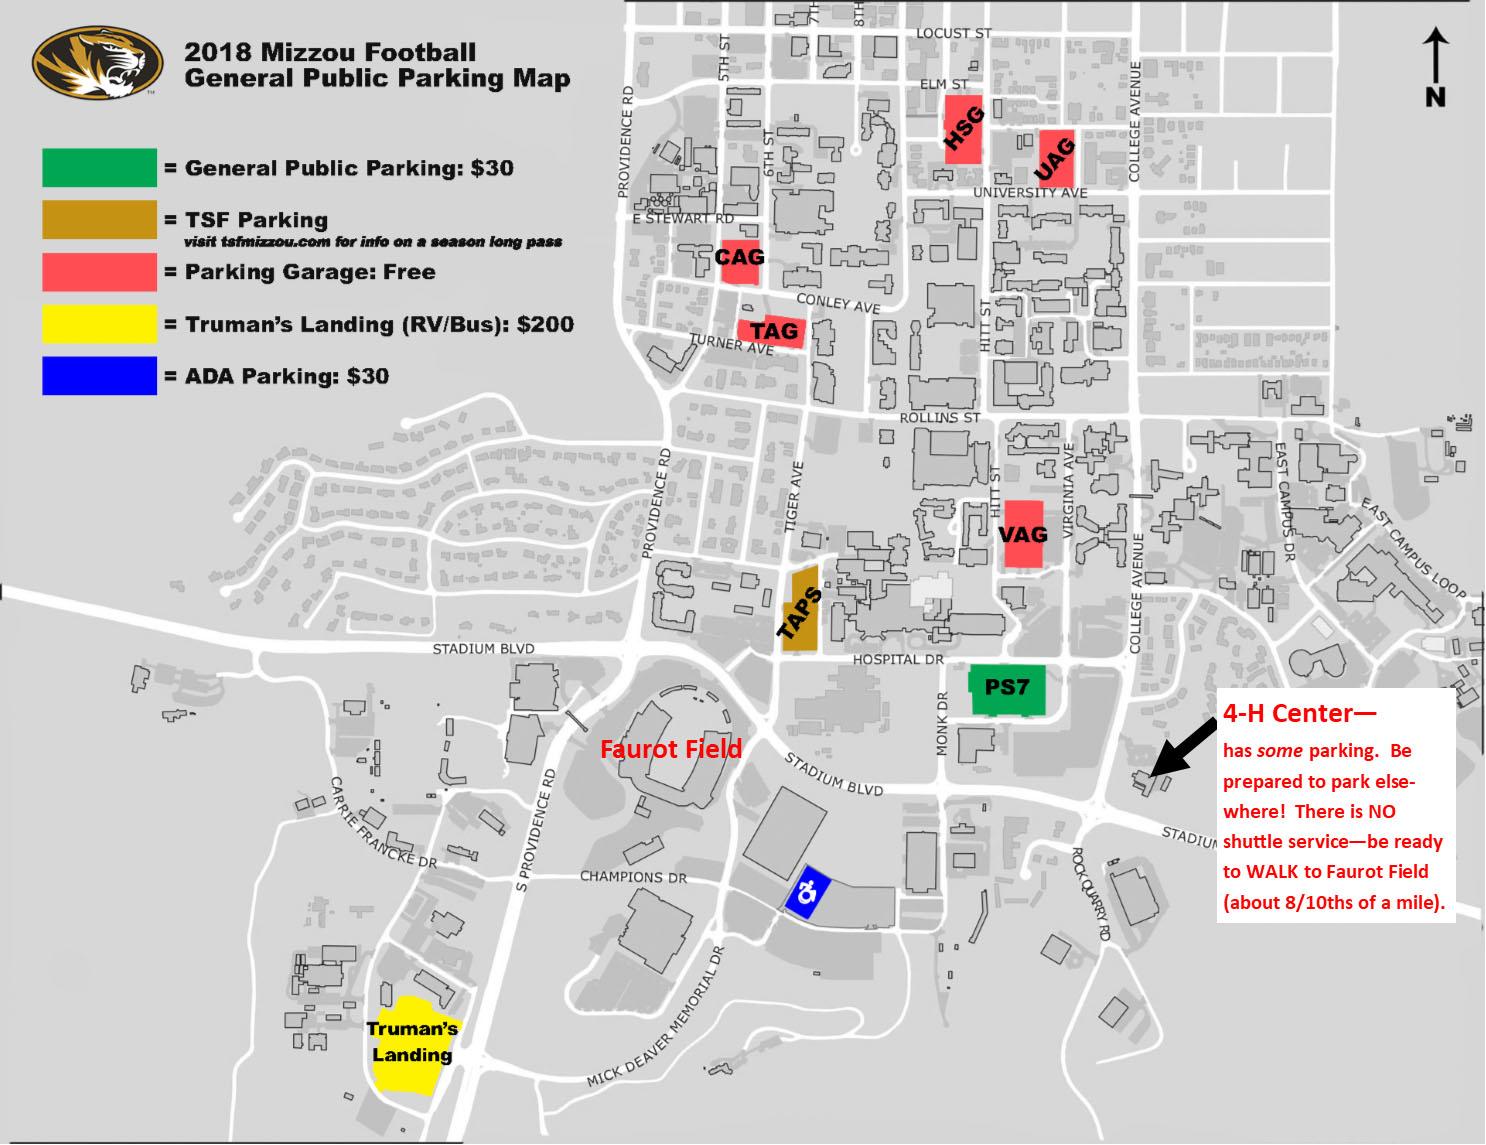 Map of Parking near Farot Field